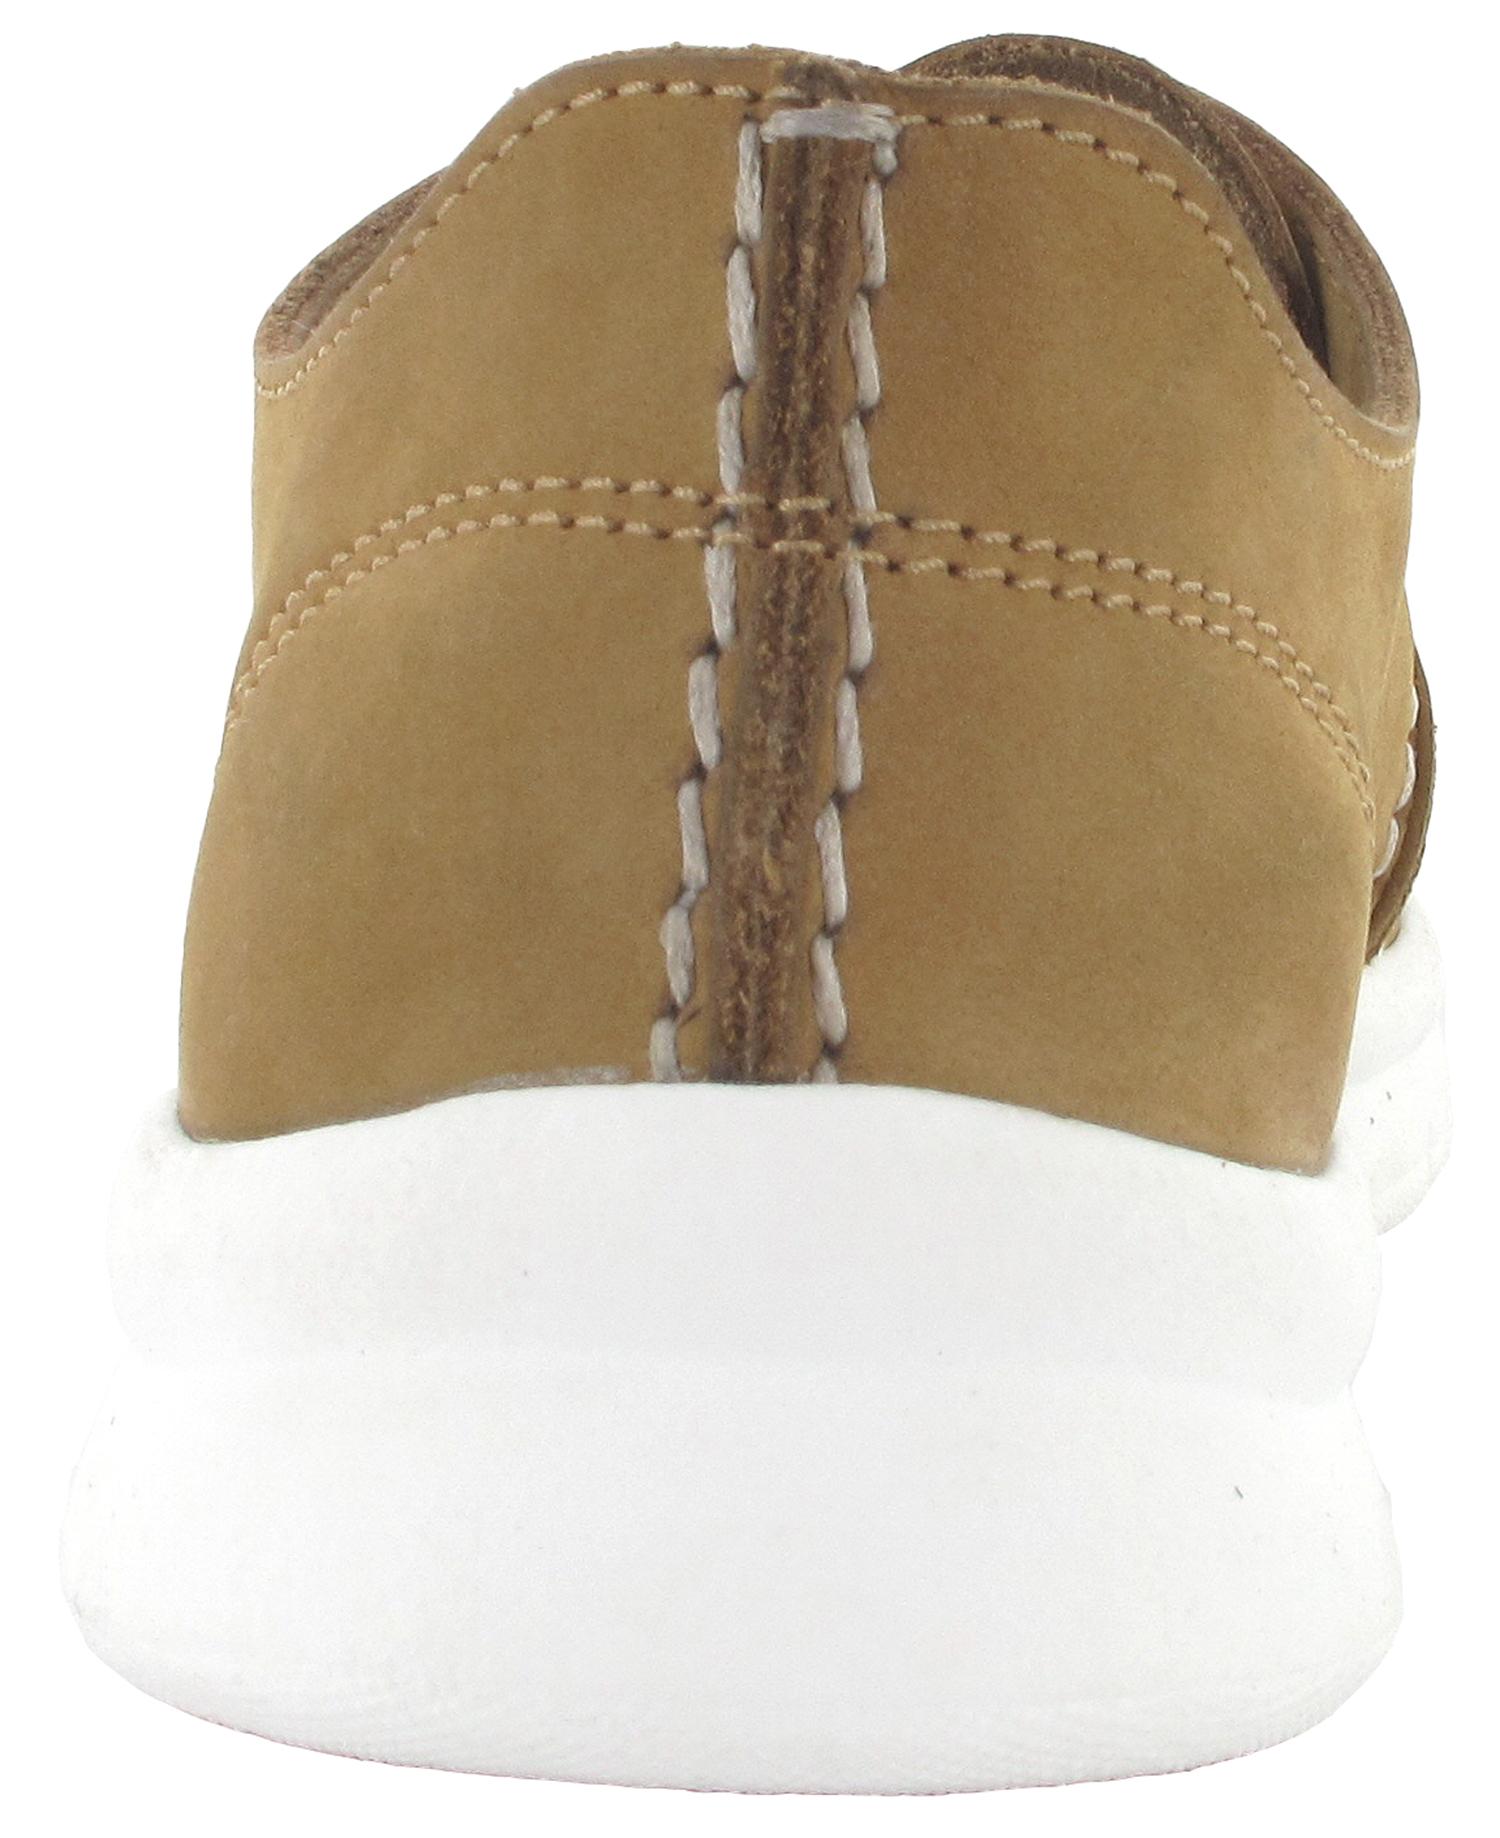 CAMEL ACTIVE - Herren Halbschuhe - Wave - Braun Schuhe in Übergrößen – Bild 2